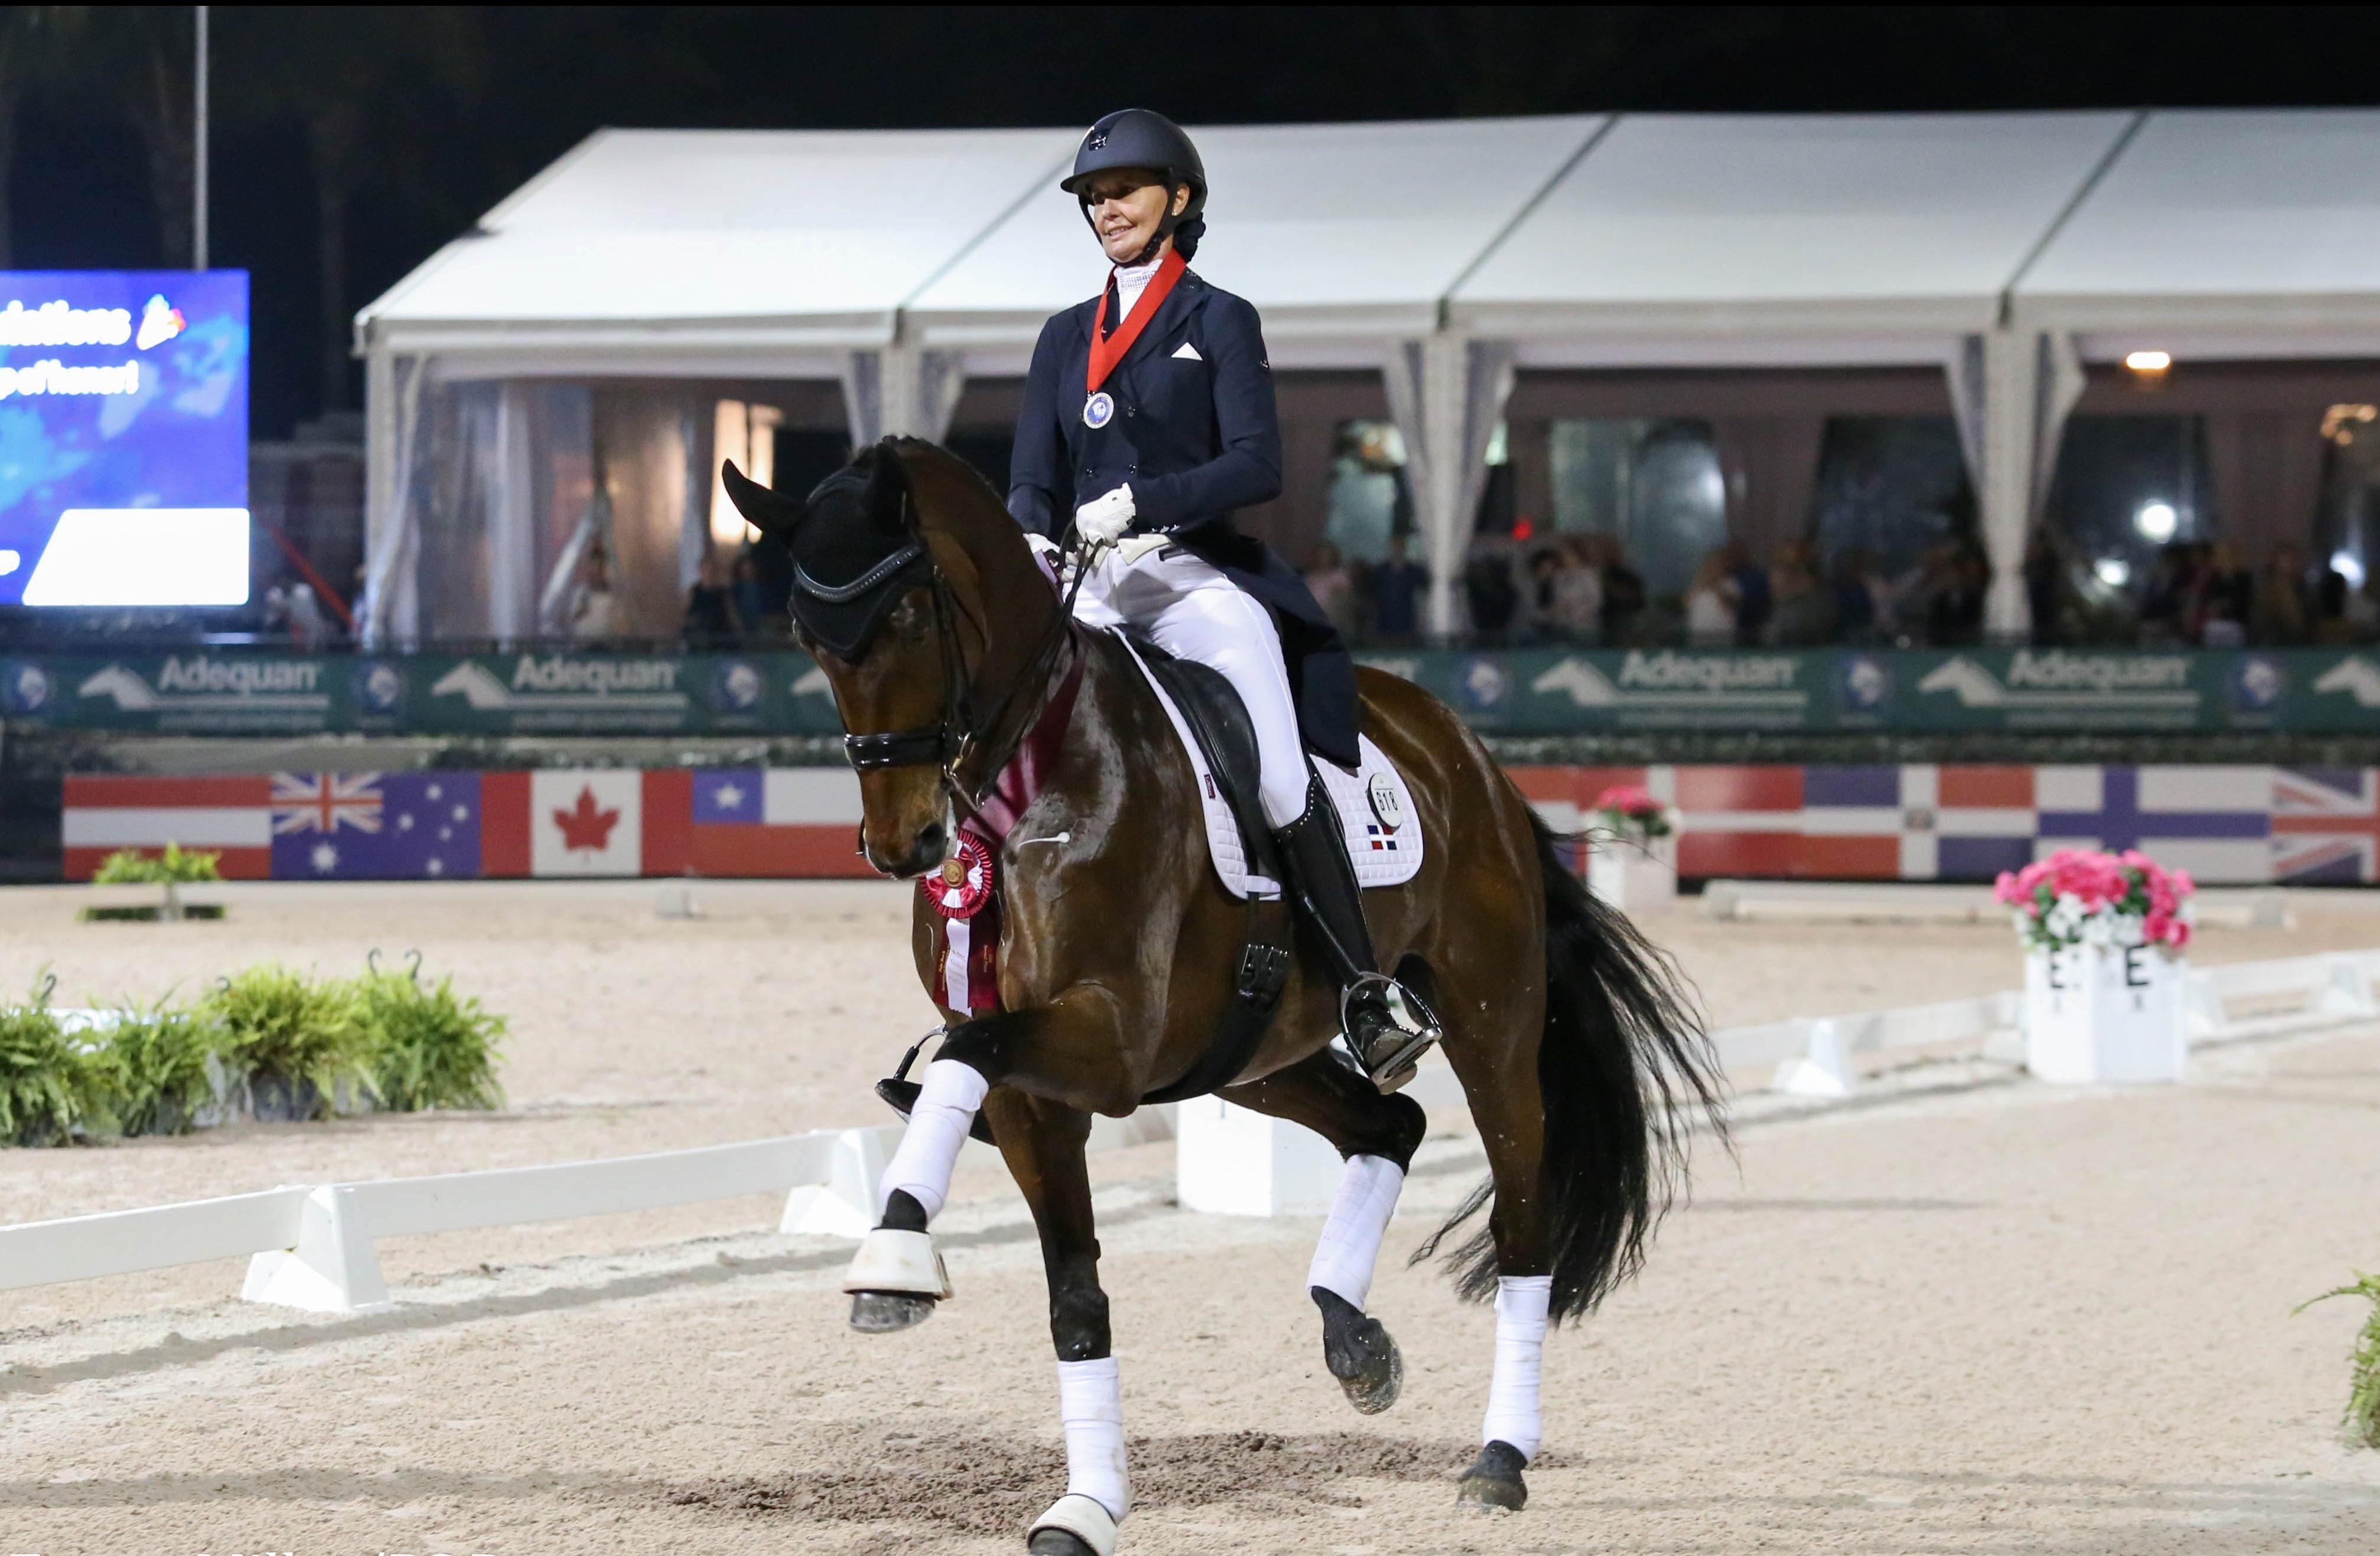 Dominicana Yvonne Losos de ecuestre competirá en Olimpiadas de Tokio 2020